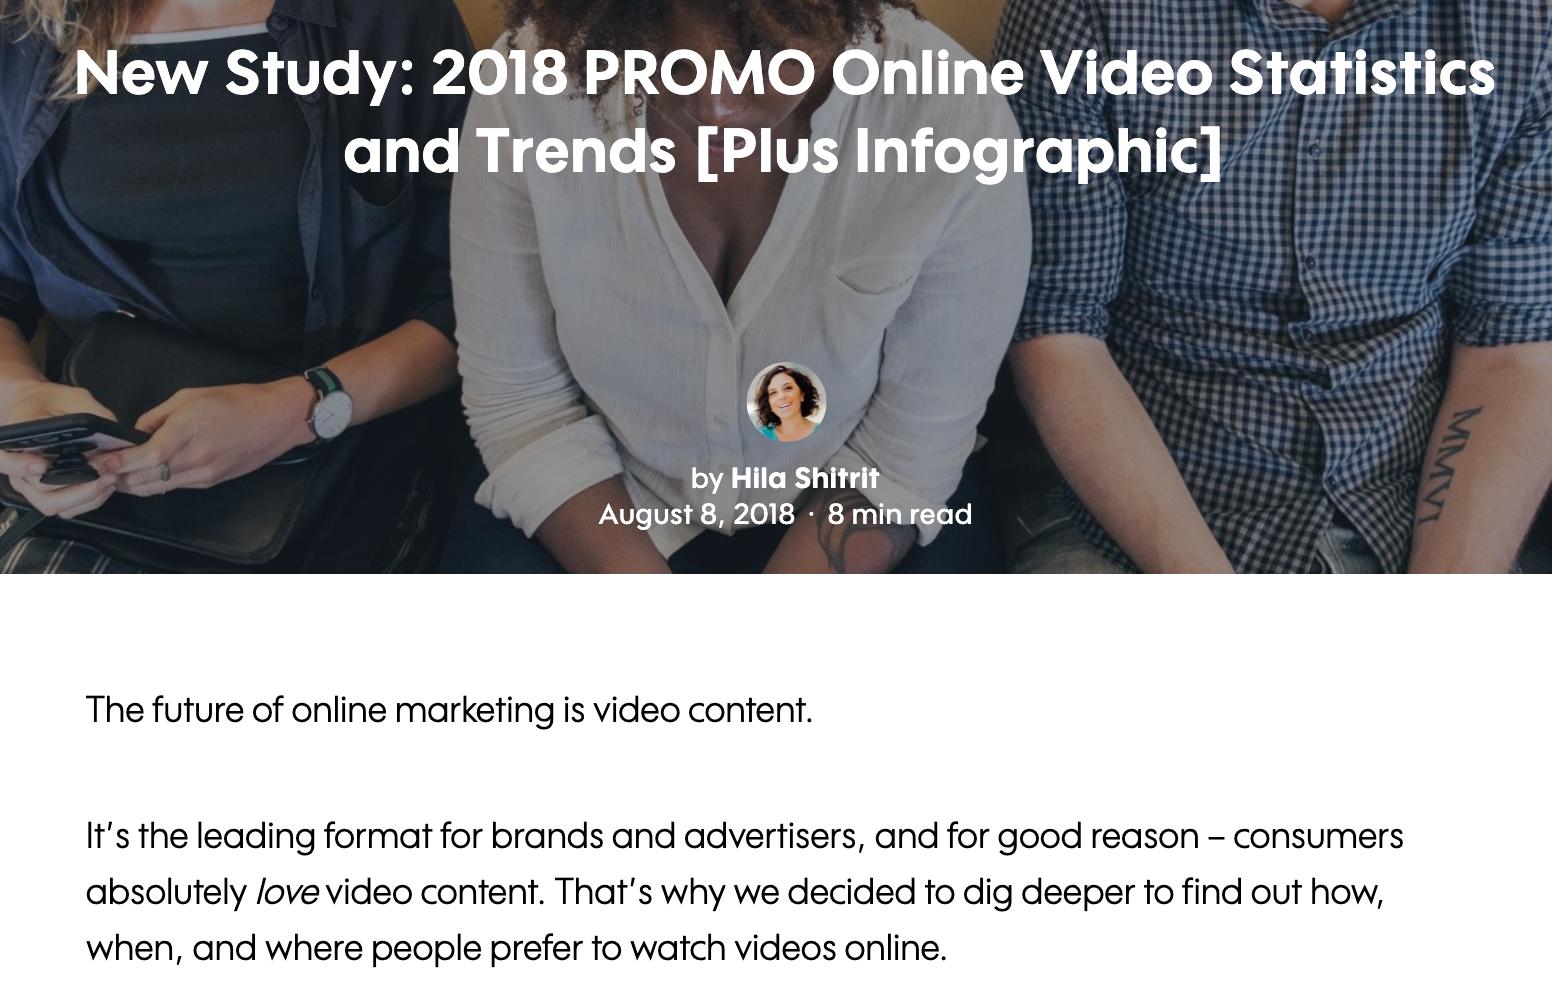 ricerca originale altamente collegata sulle abitudini di visualizzazione dei video.